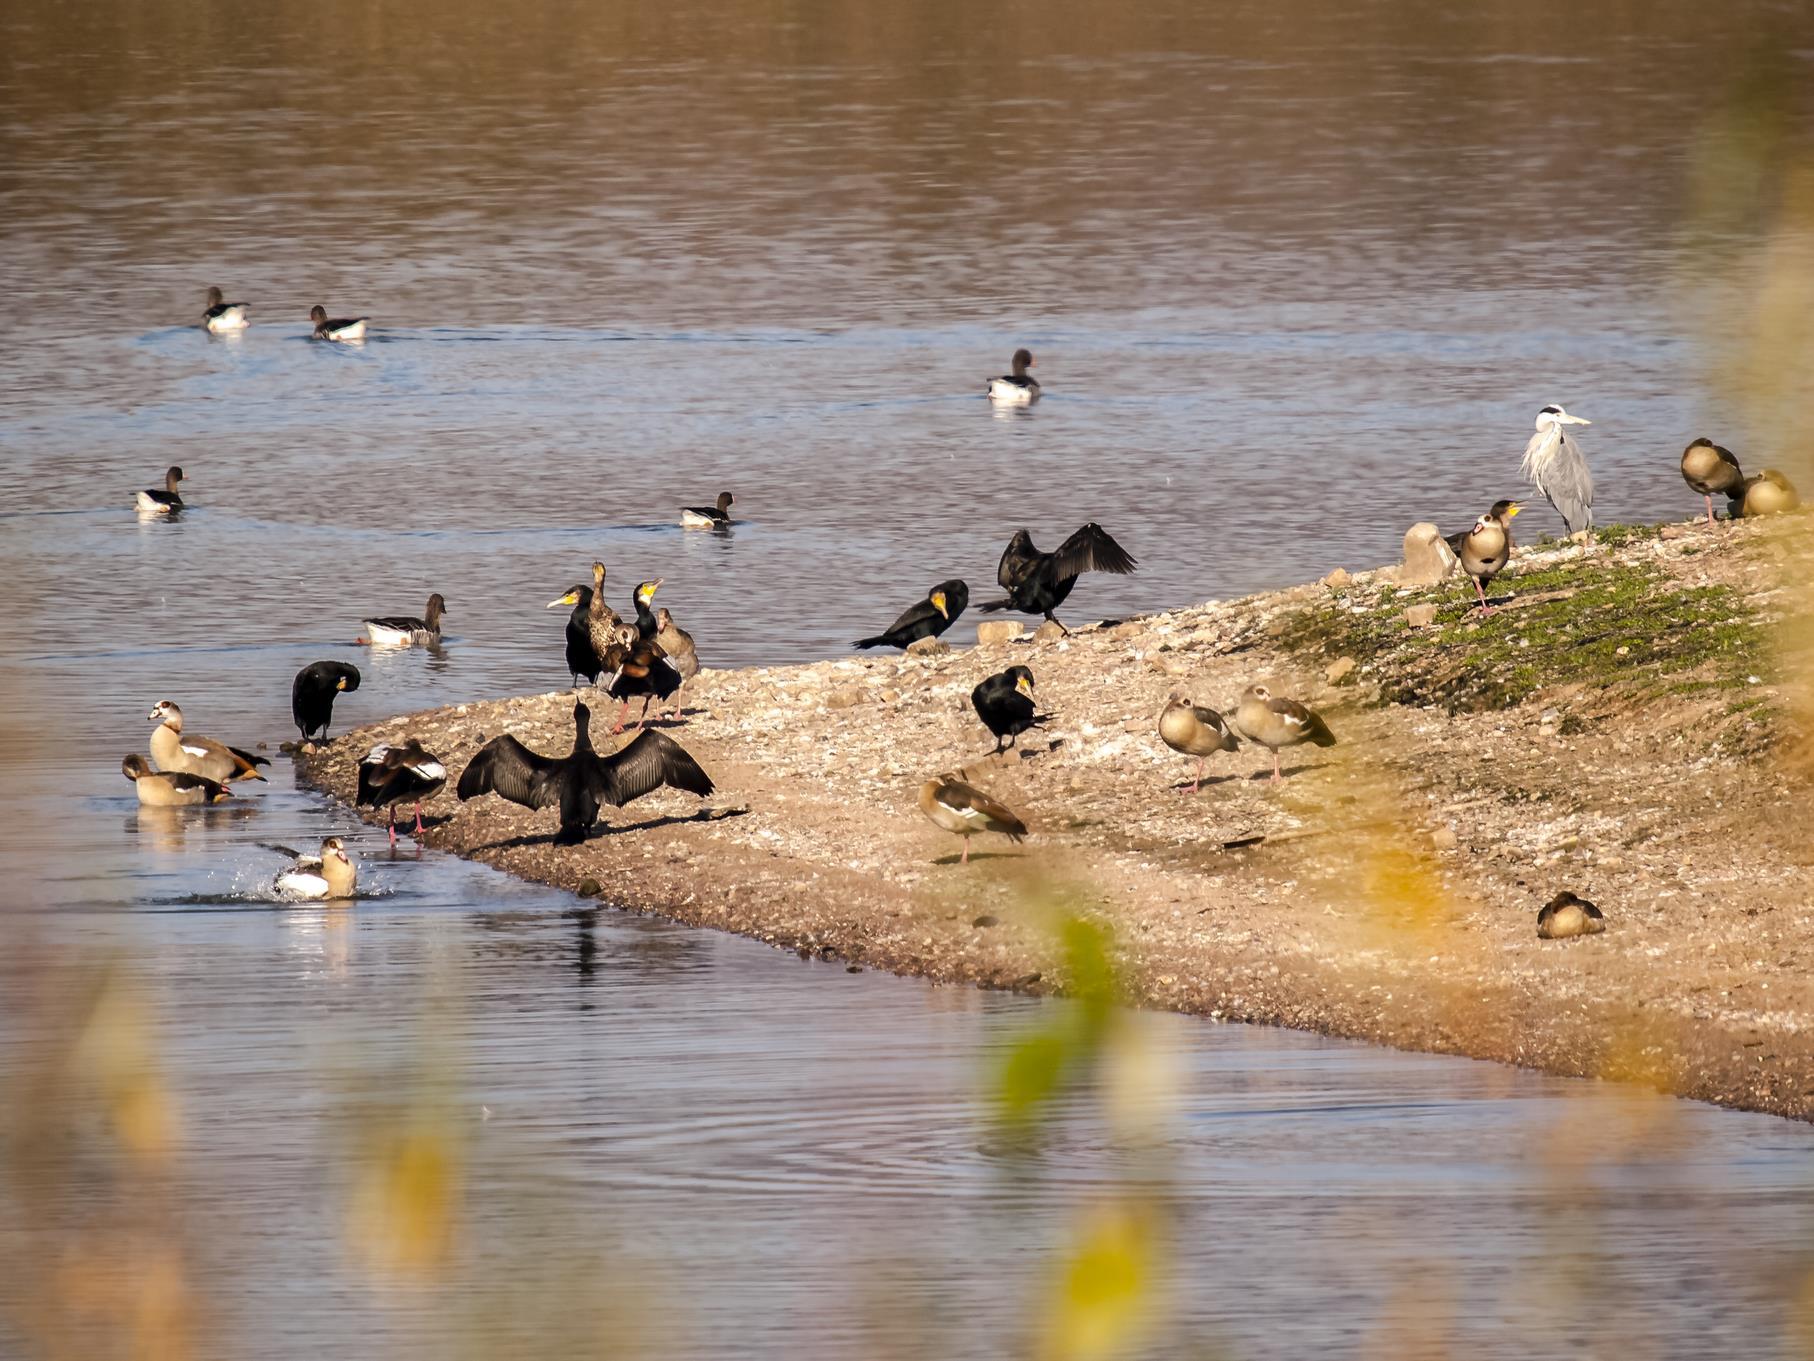 Die verschiedenen Wasservögel lassen sich gut mit einem Fernglas beobachten.